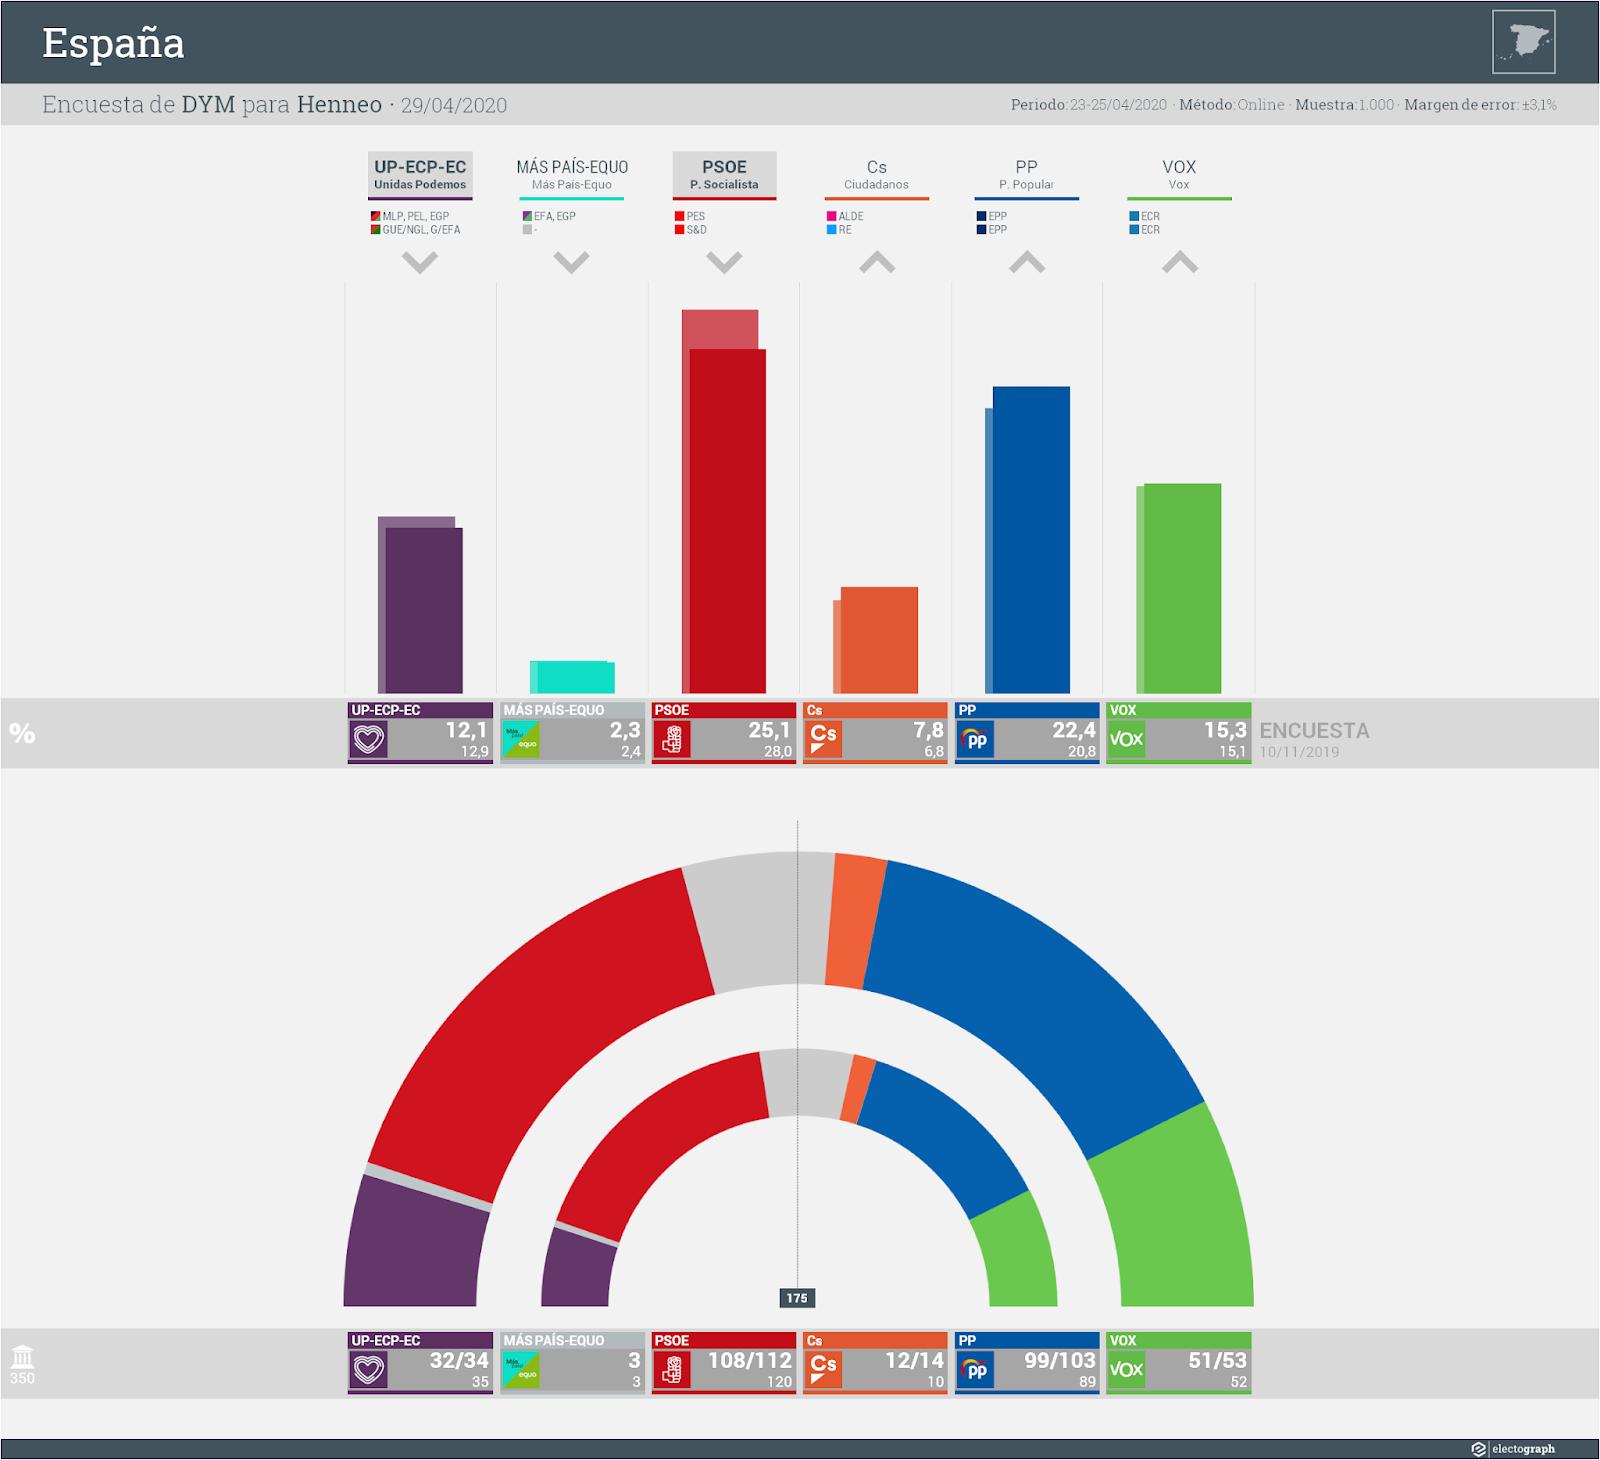 Gráfico de la encuesta para elecciones generales en España realizada por DYM para Henneo, 29 de abril de 2020